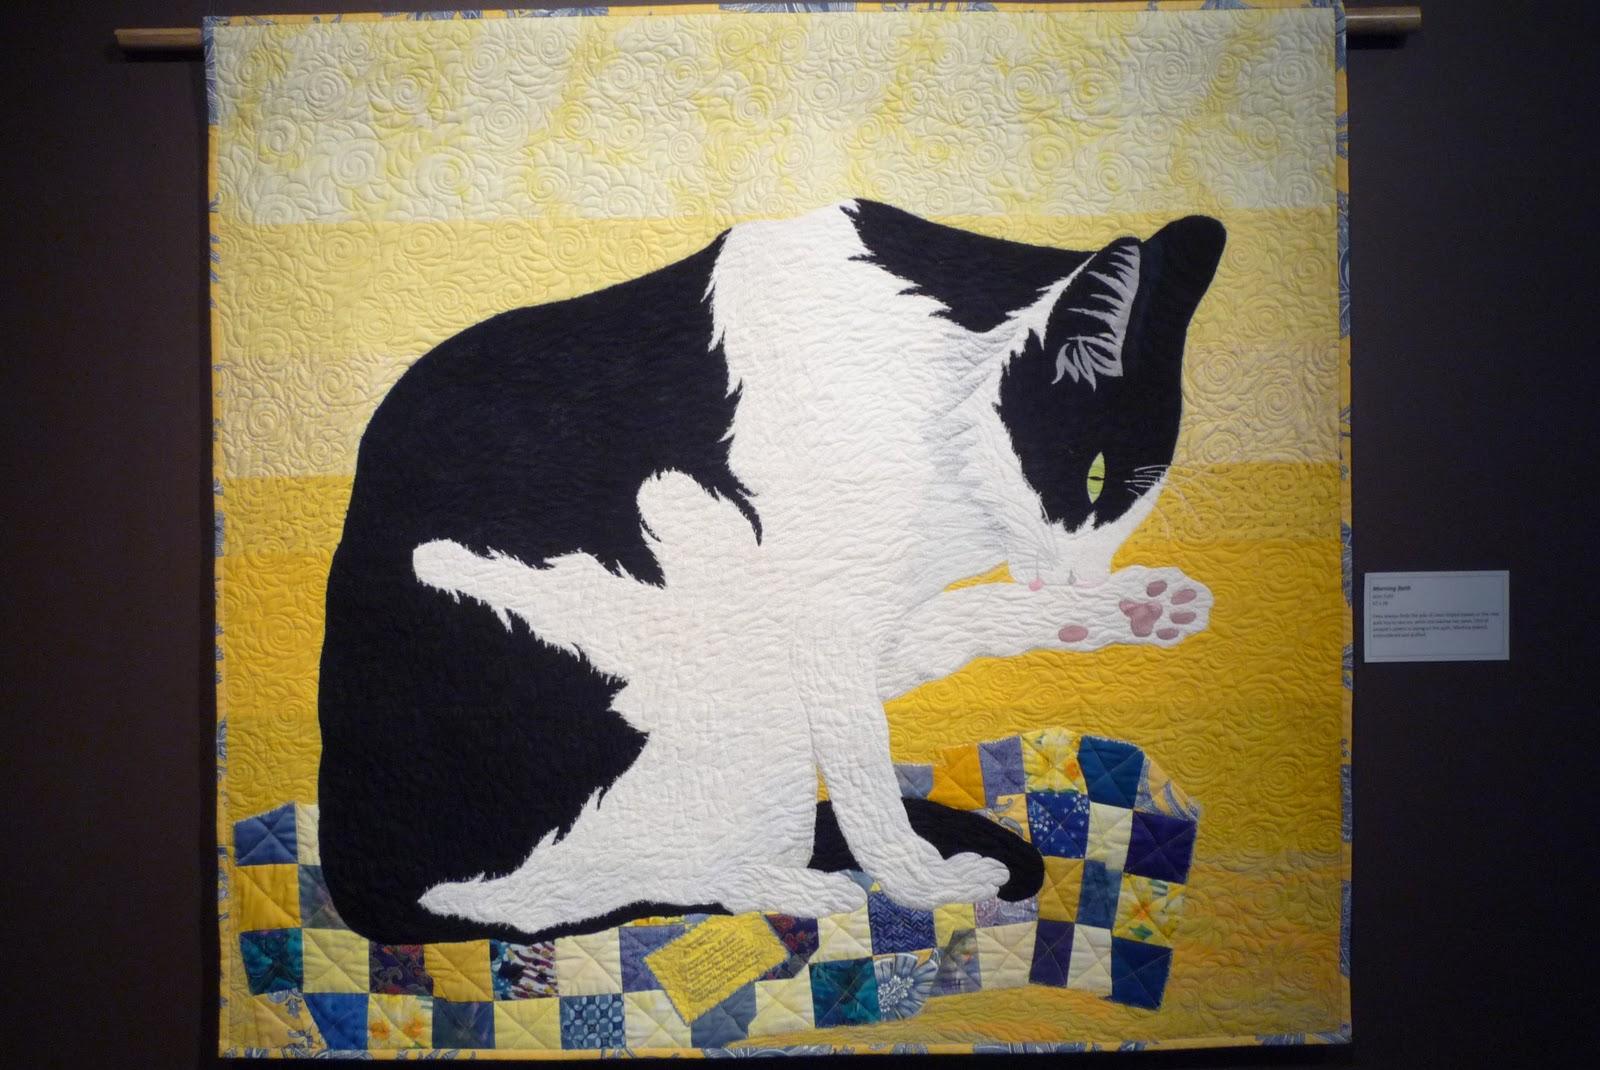 La Conner Quilt Museum & La Conner Quilt & Textile Museum | Tumblr : laconner quilt museum - Adamdwight.com